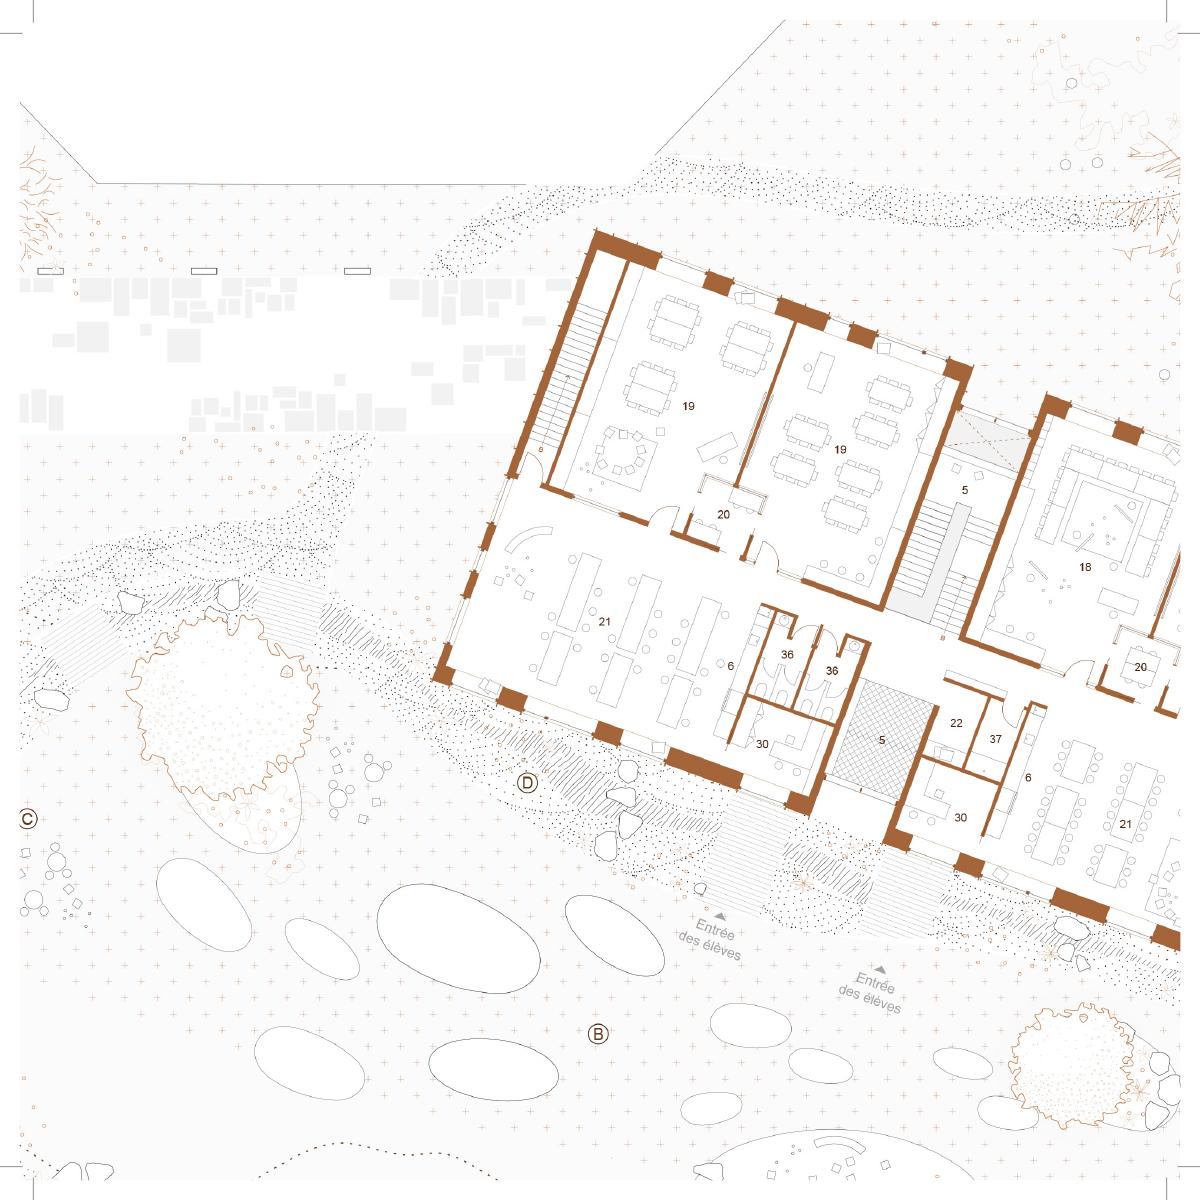 Plan d'une salle de classe par Étienne Bernier Architecture et BGLA, pour le concours du Lab-École à Saguenay, présenté dans le cadre de l'exposition «Devoirs d'architecture».